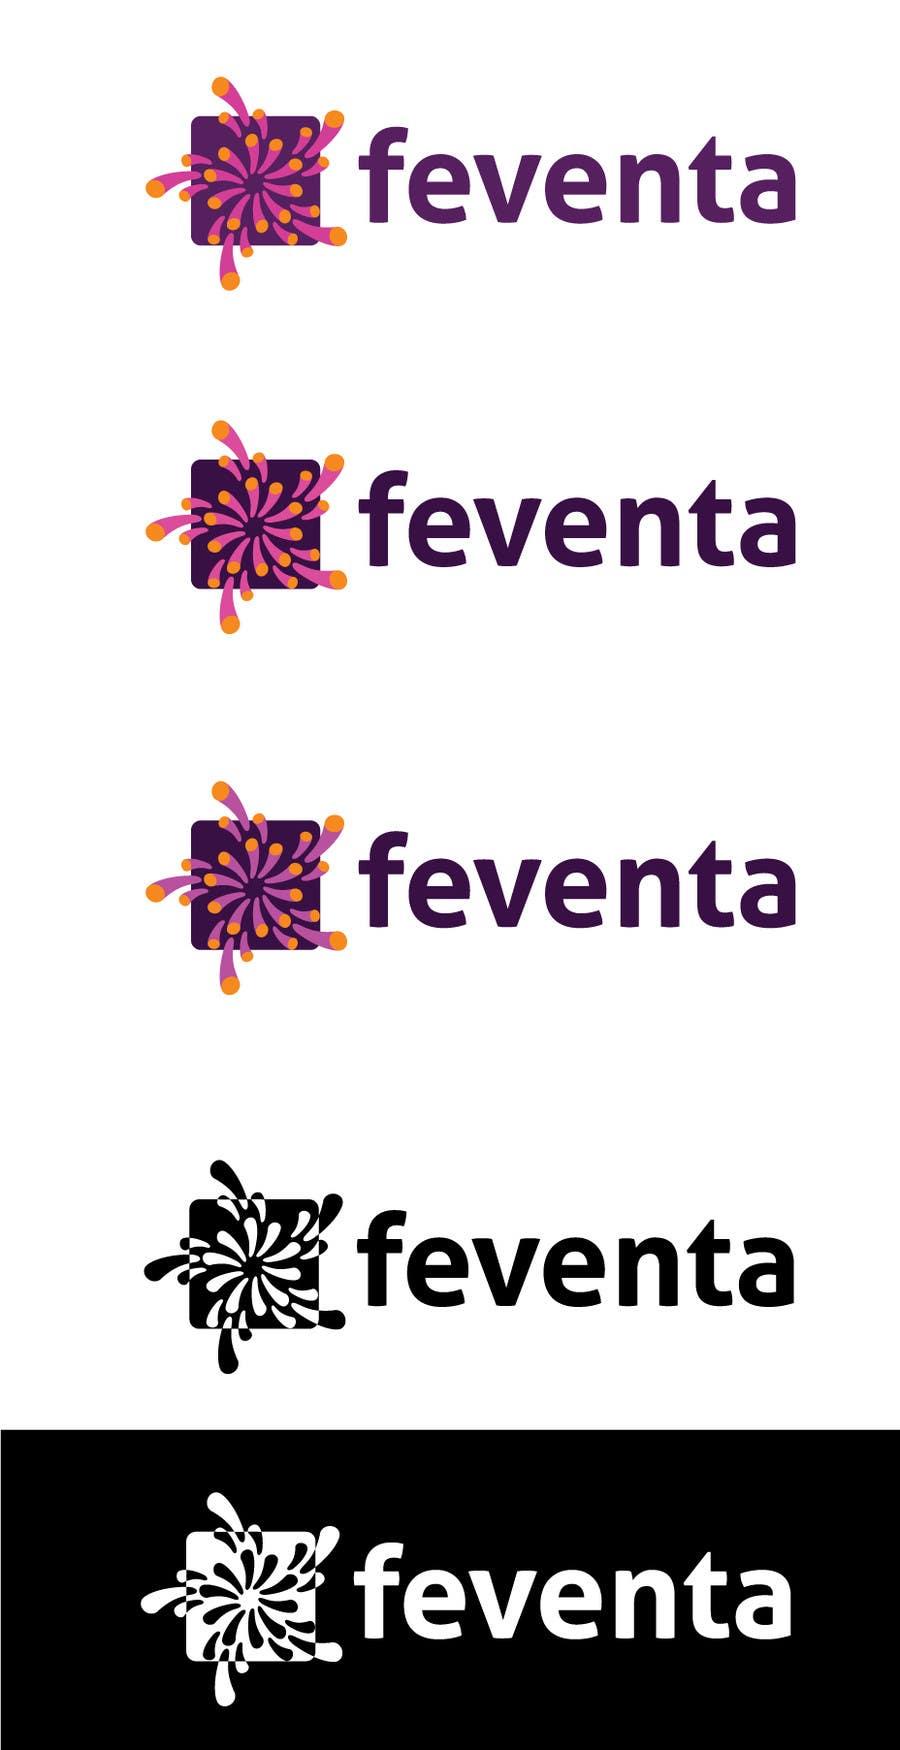 Bài tham dự cuộc thi #                                        69                                      cho                                         Refine and design a logo concept into a professional logo